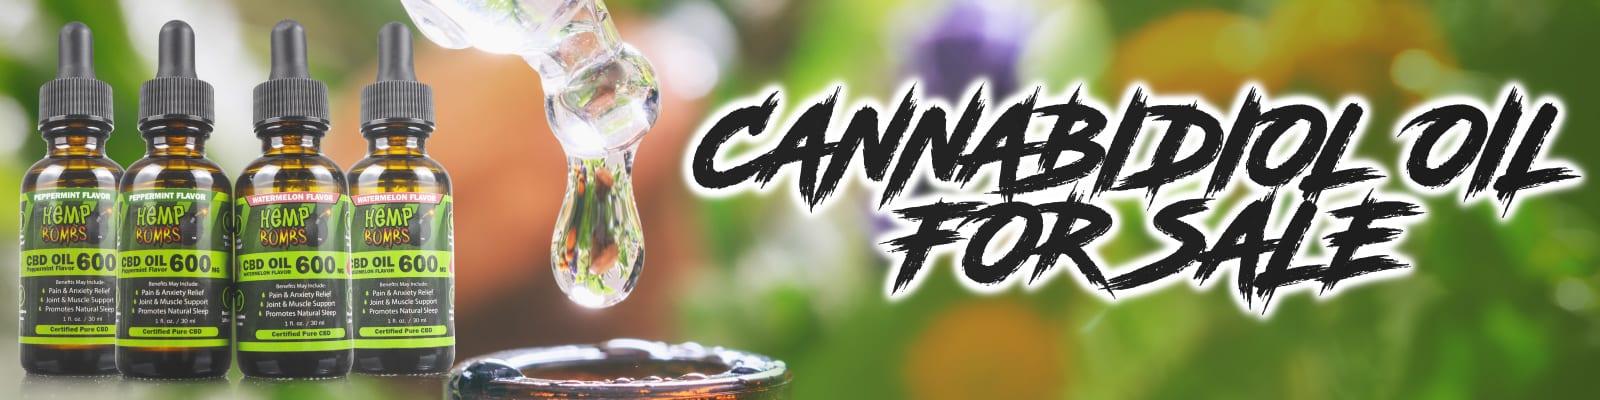 Cannabidiol for sale